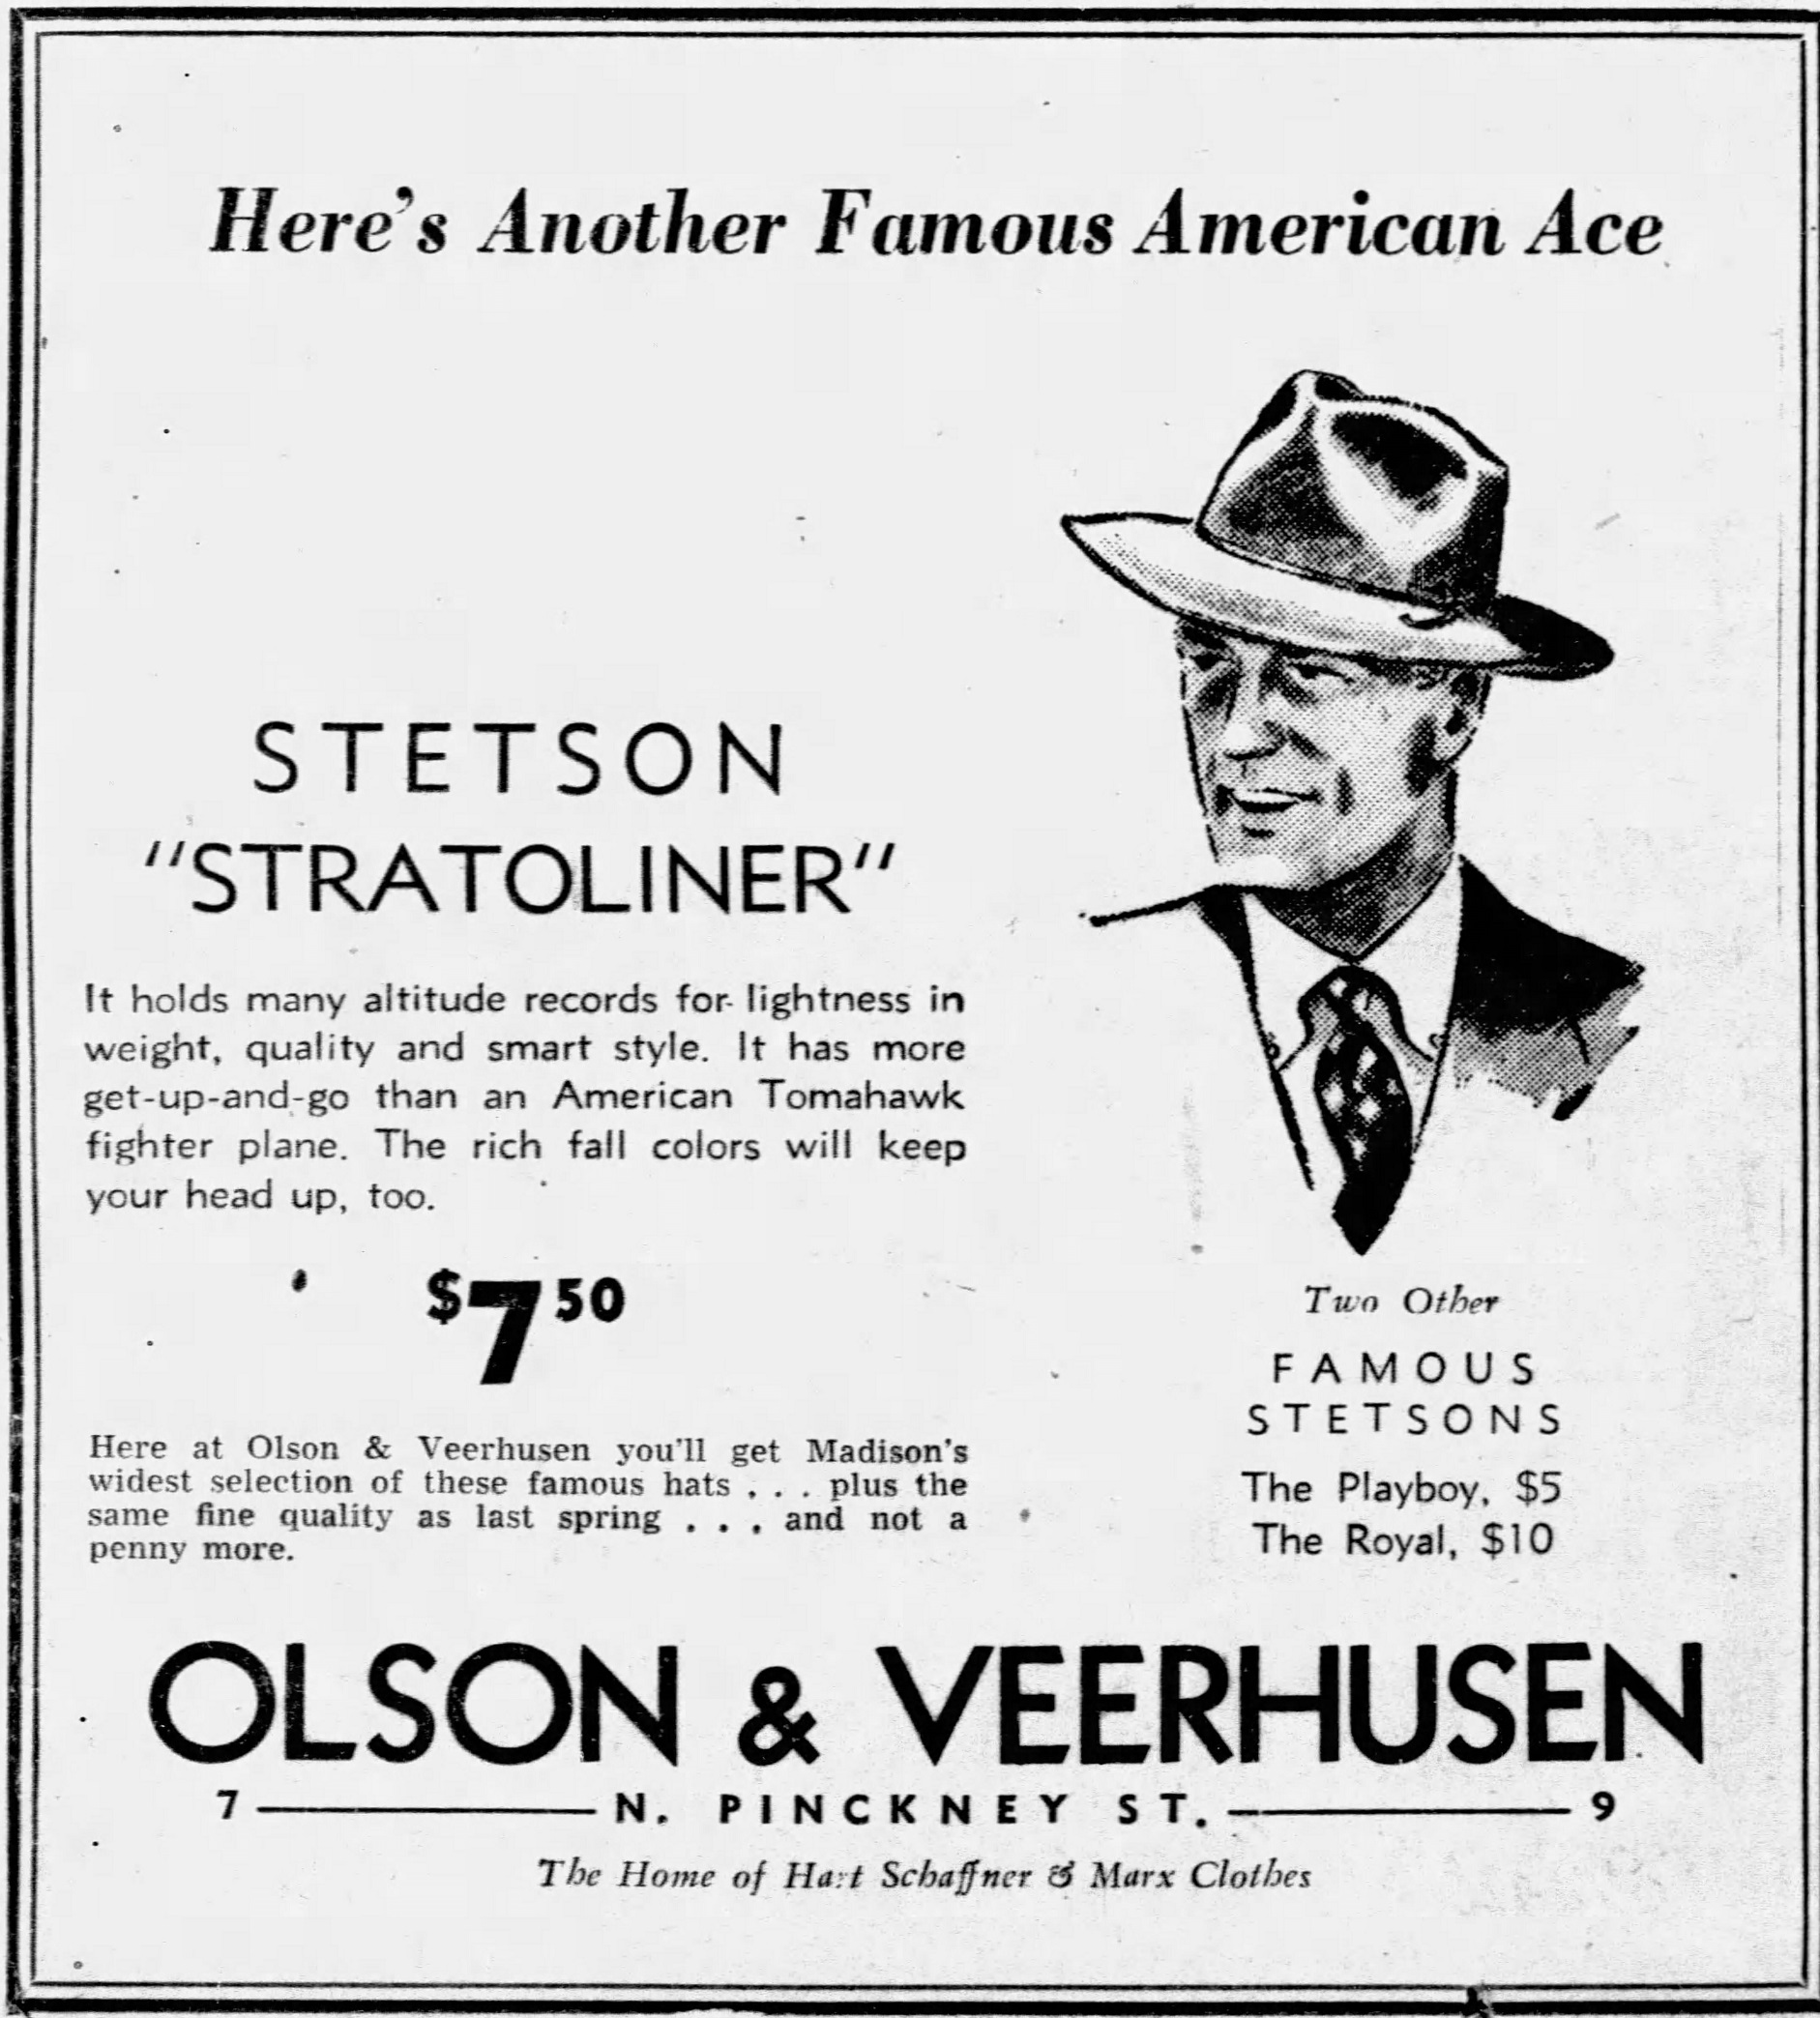 The_Capital_Times_Sun__Aug_30__1942_.jpg